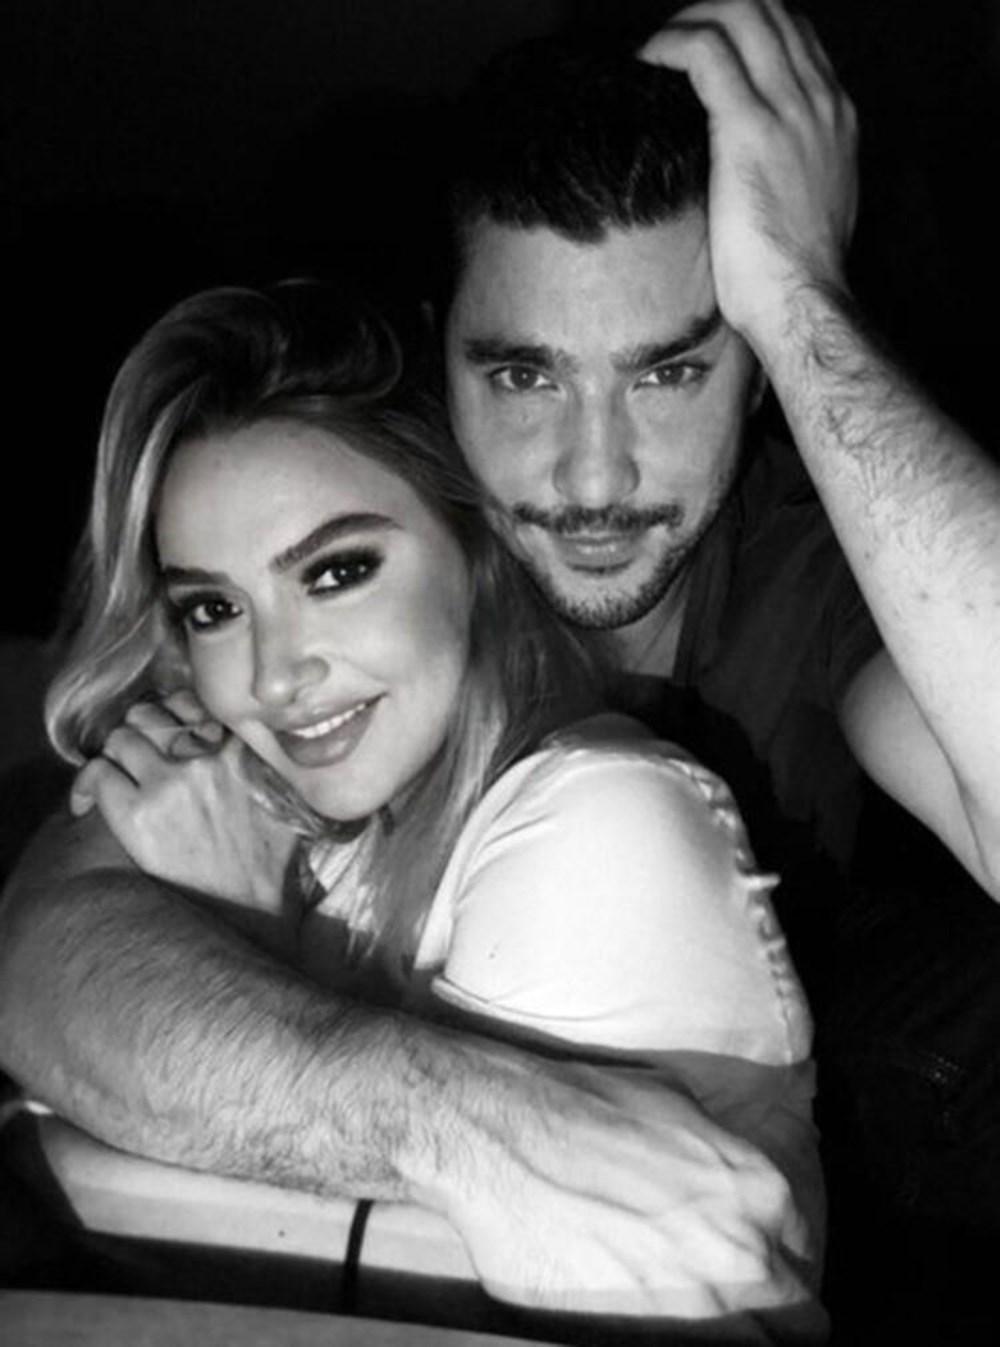 Hadise'den Kaan Yıldırım açıklaması: İlişkiyi noktalandırmış bulunuyorum - 3